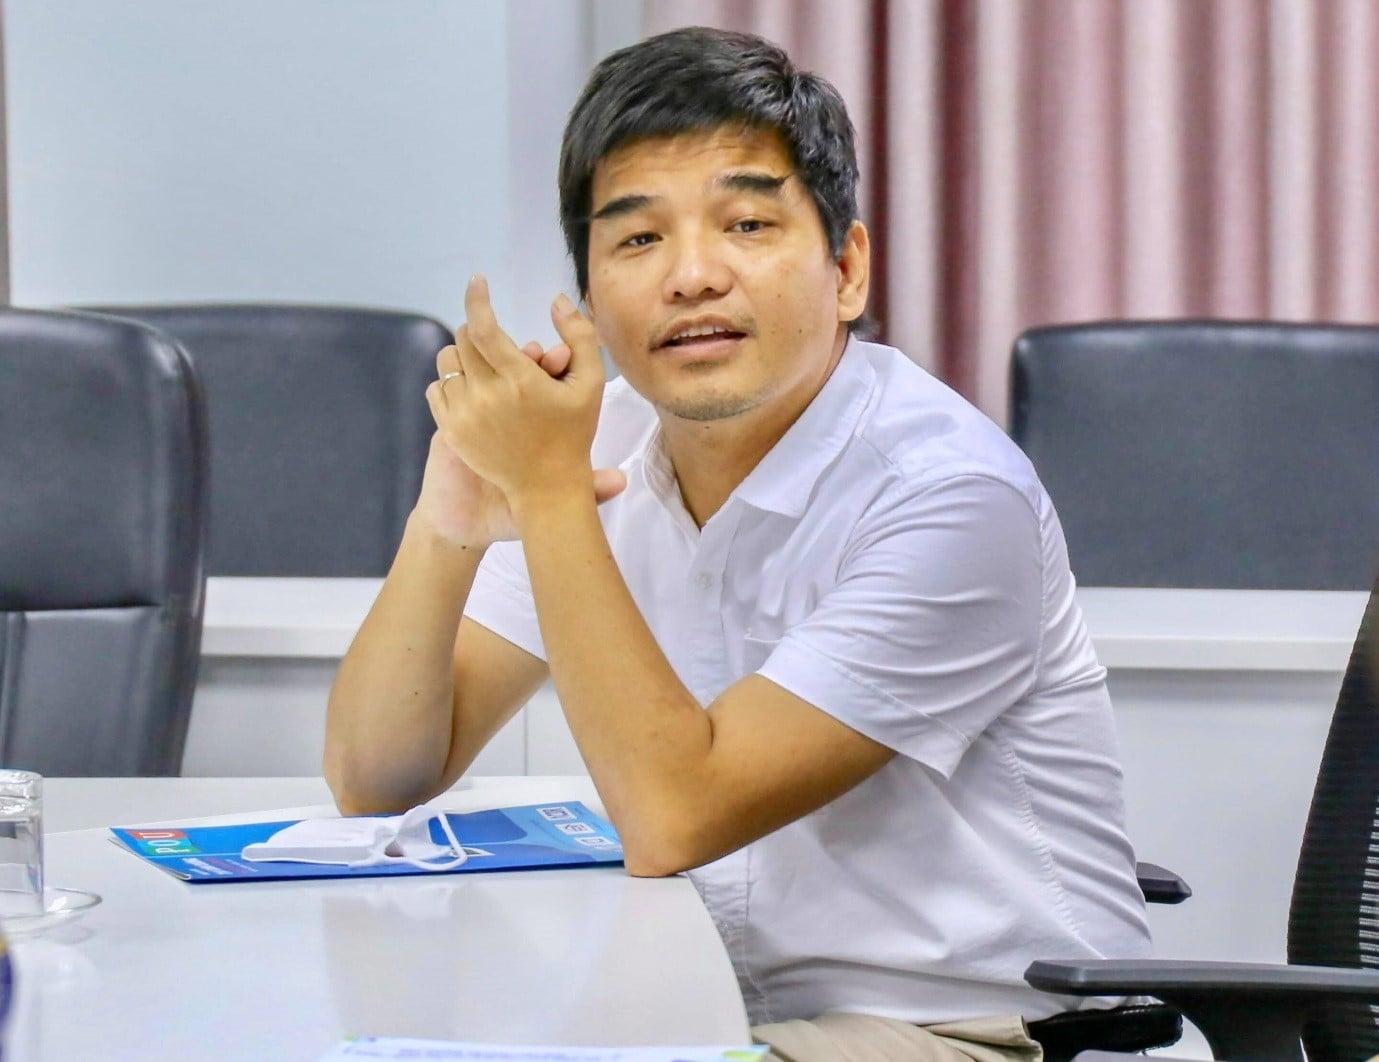 Đại học Thái Bình Dương cho sinh viên nghỉ đến 16.2.2020